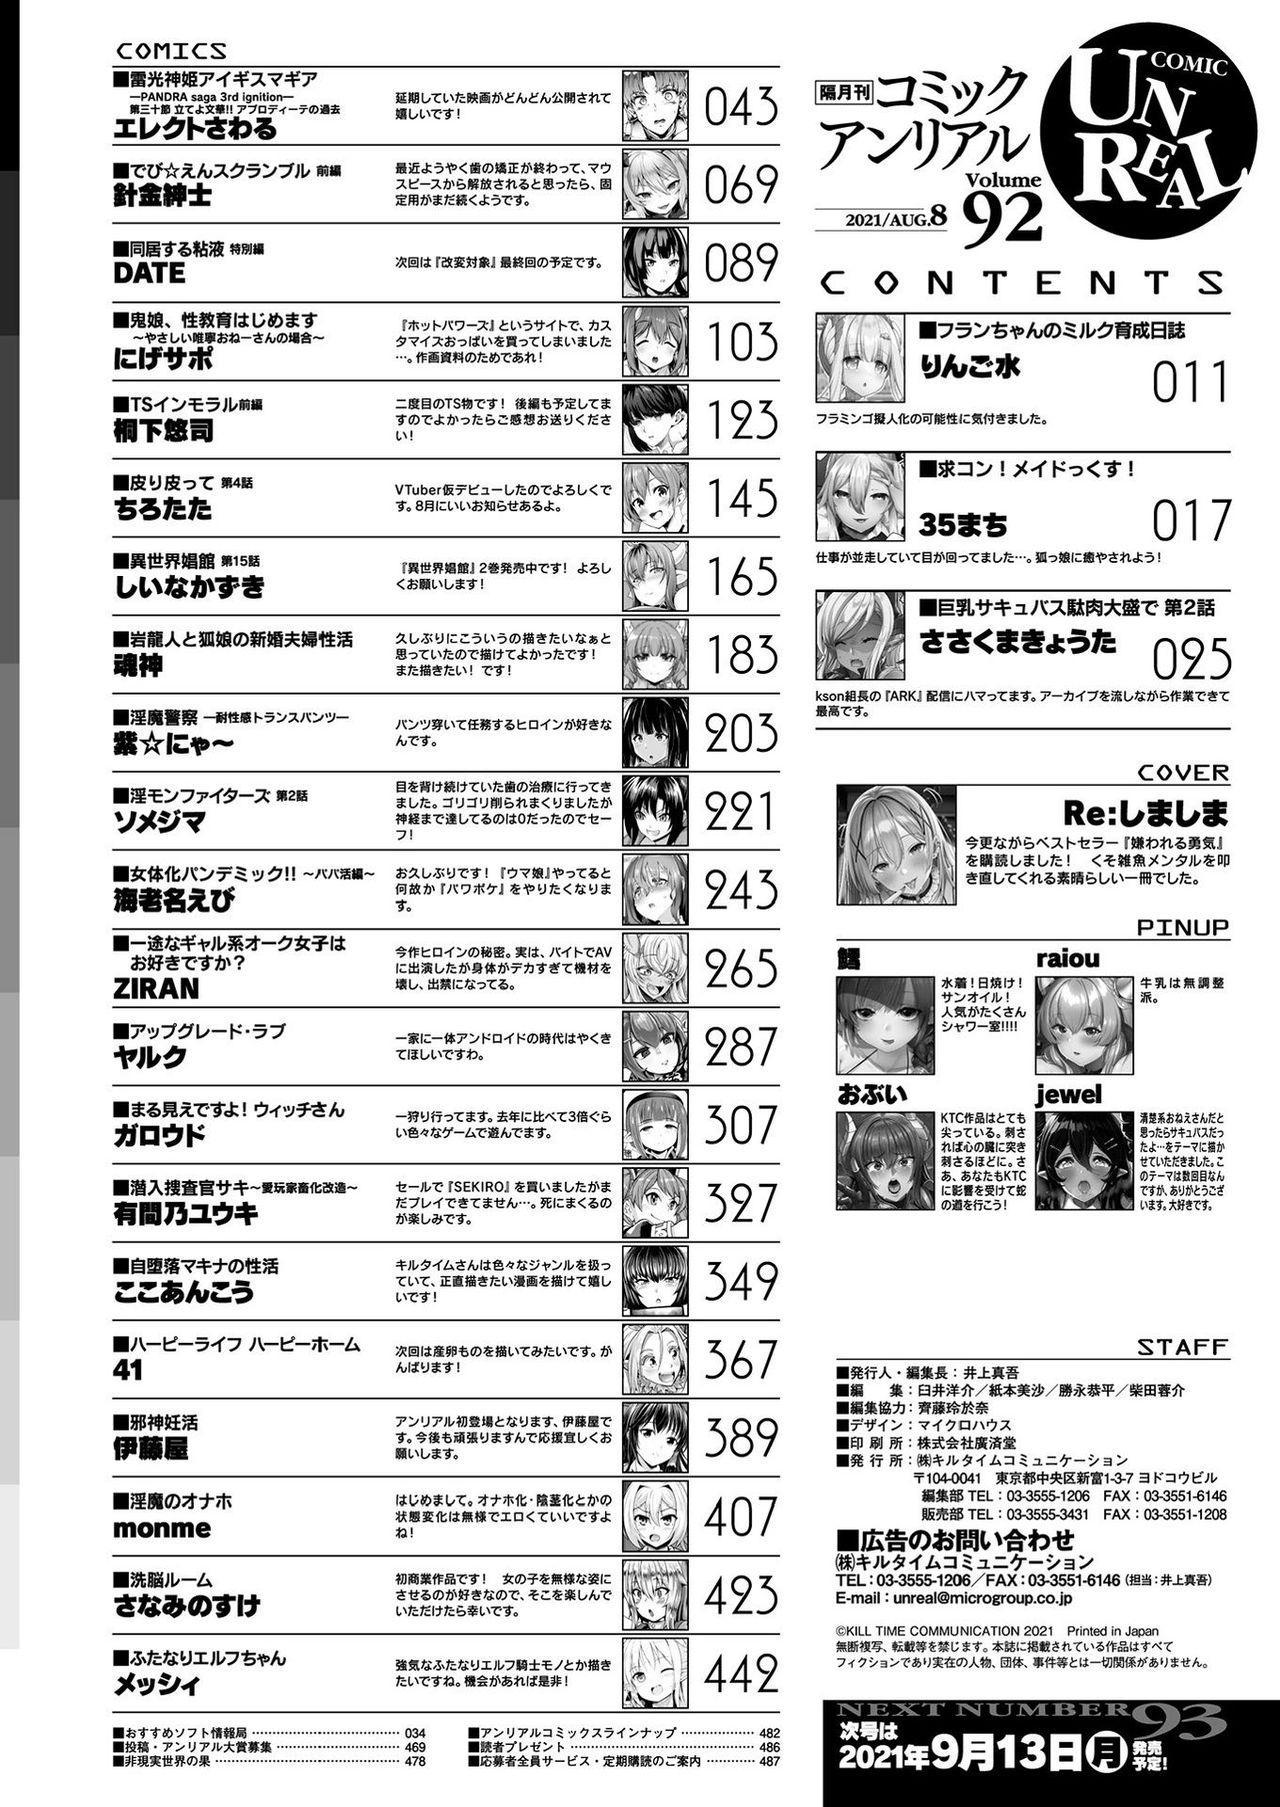 COMIC Unreal 2021-08 Vol. 92 481